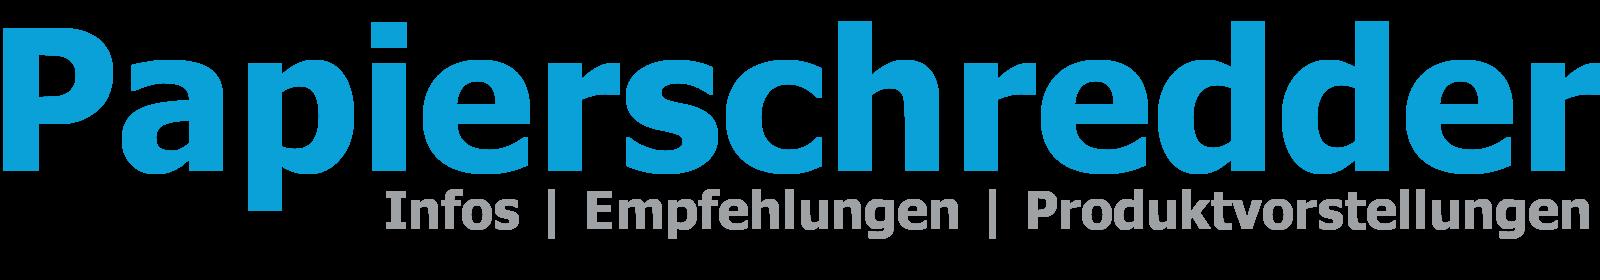 Papierschredder-logo